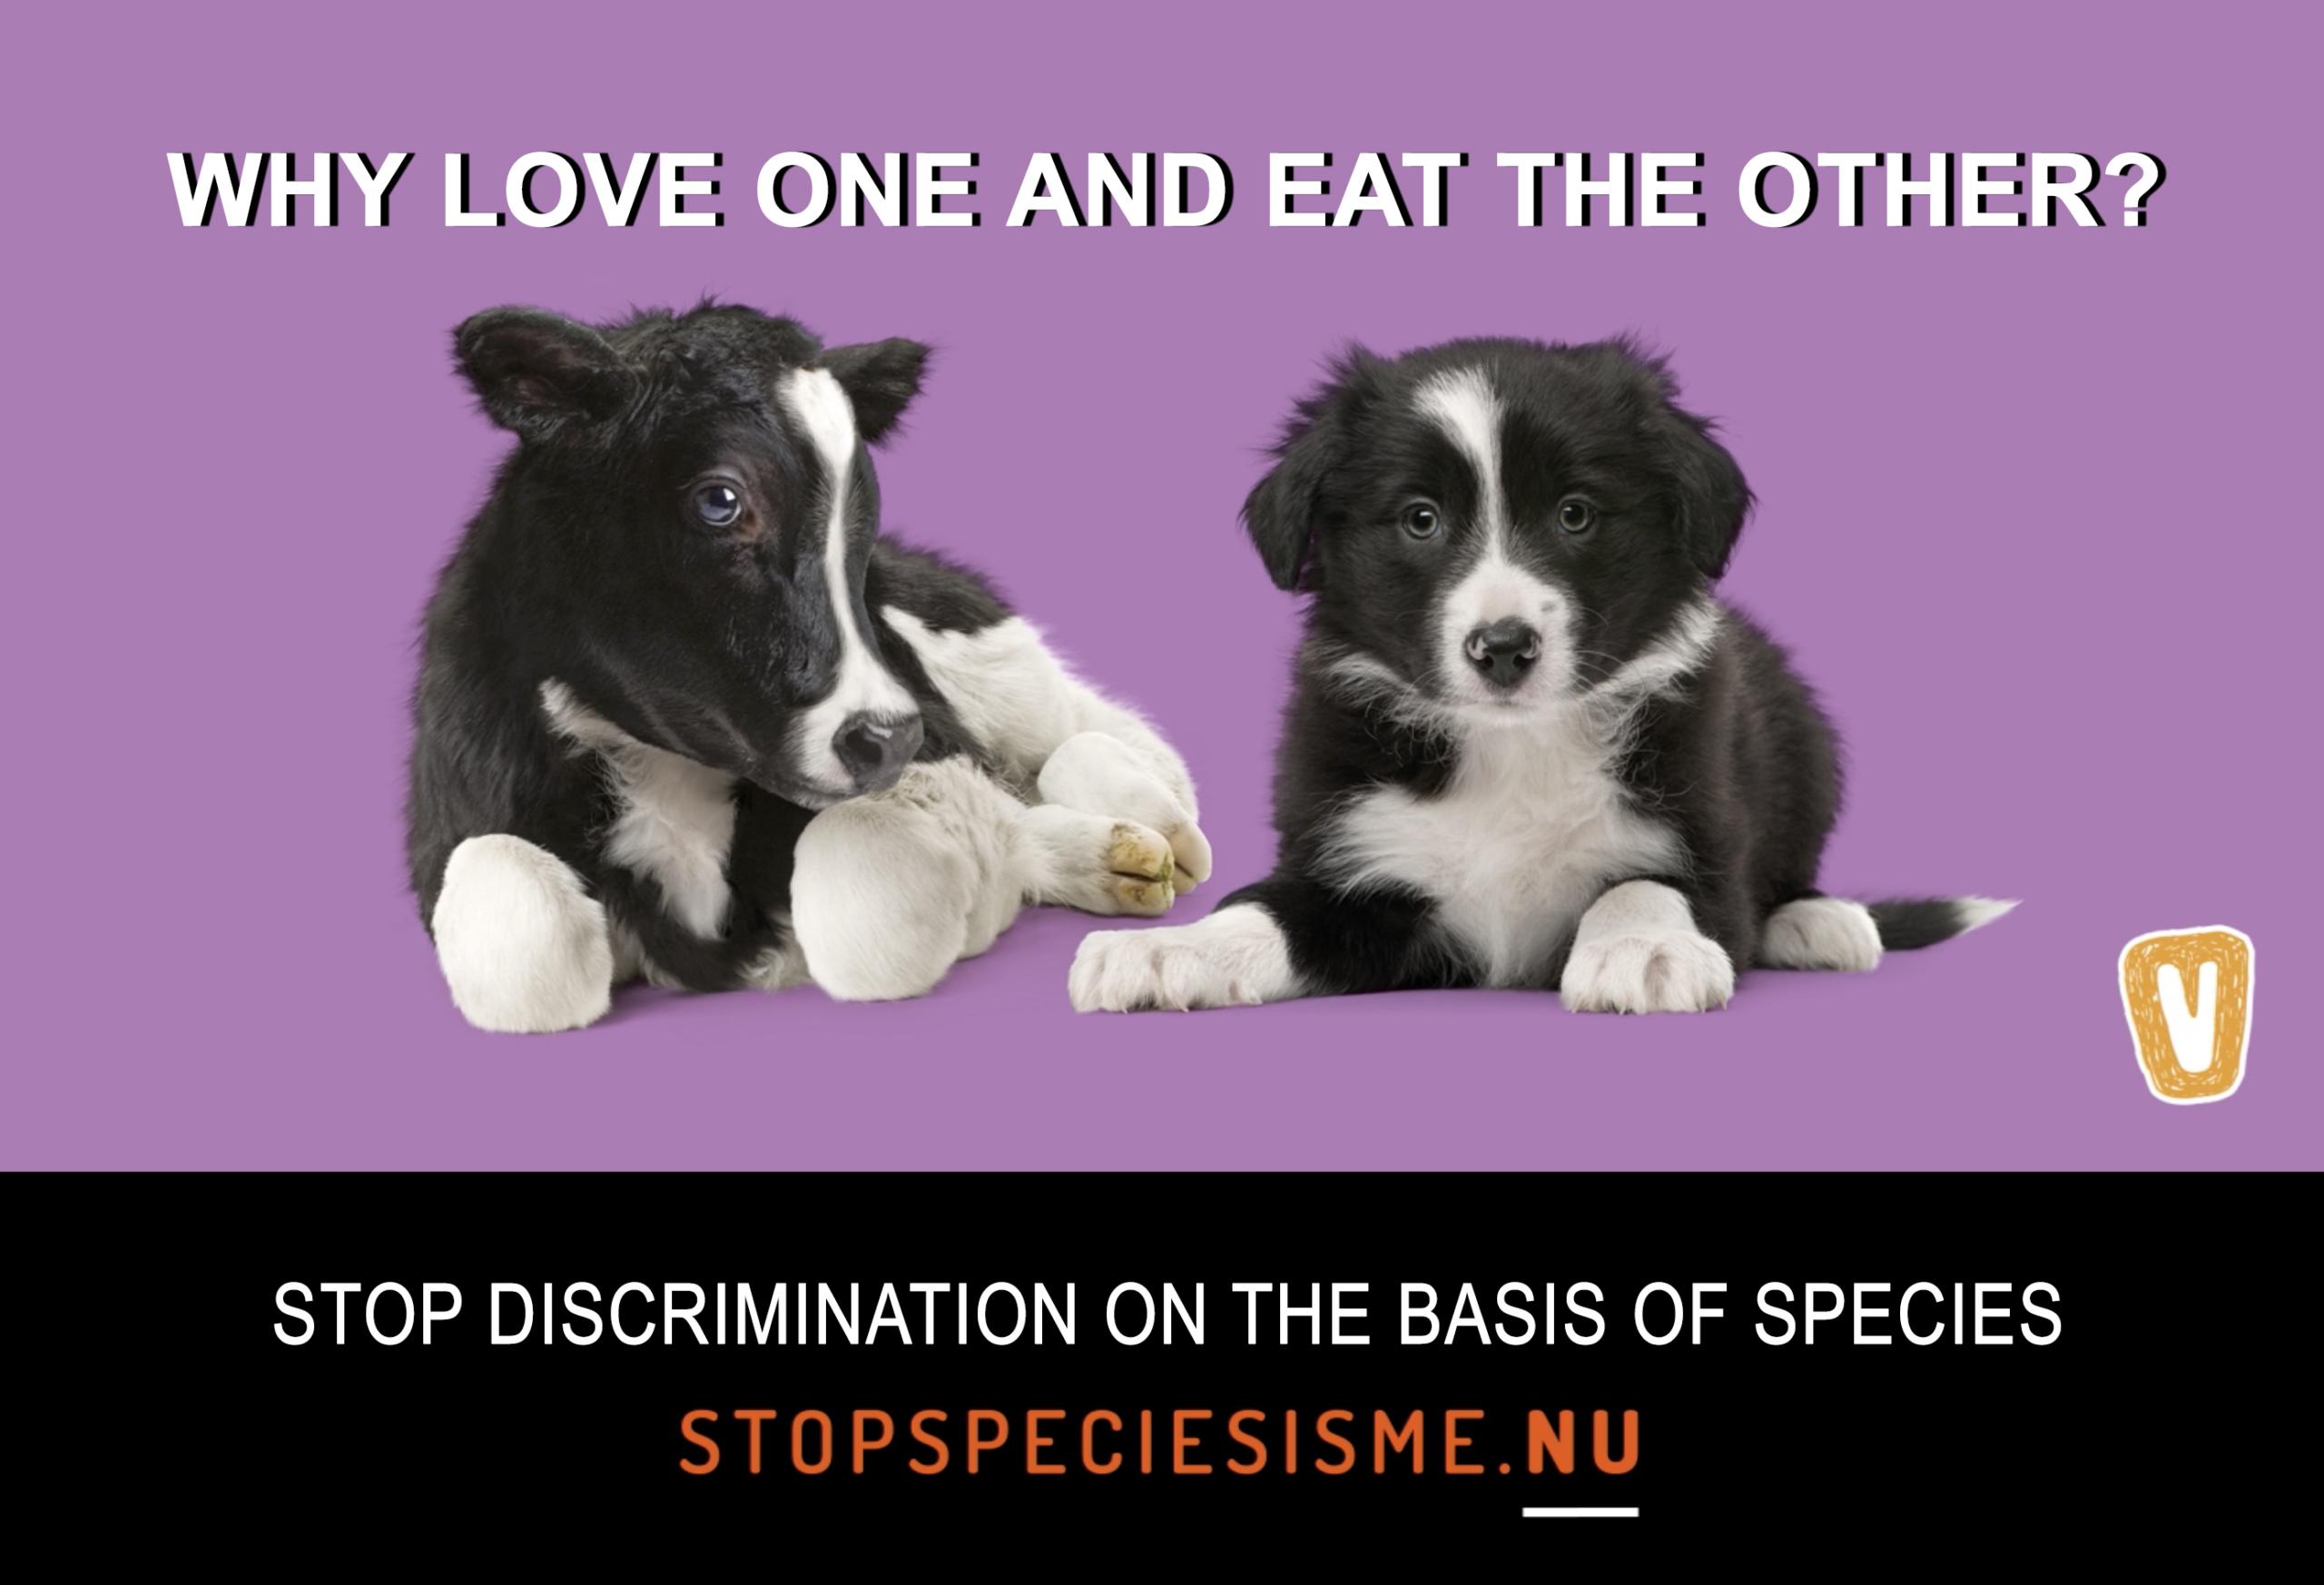 Stop Speciesism